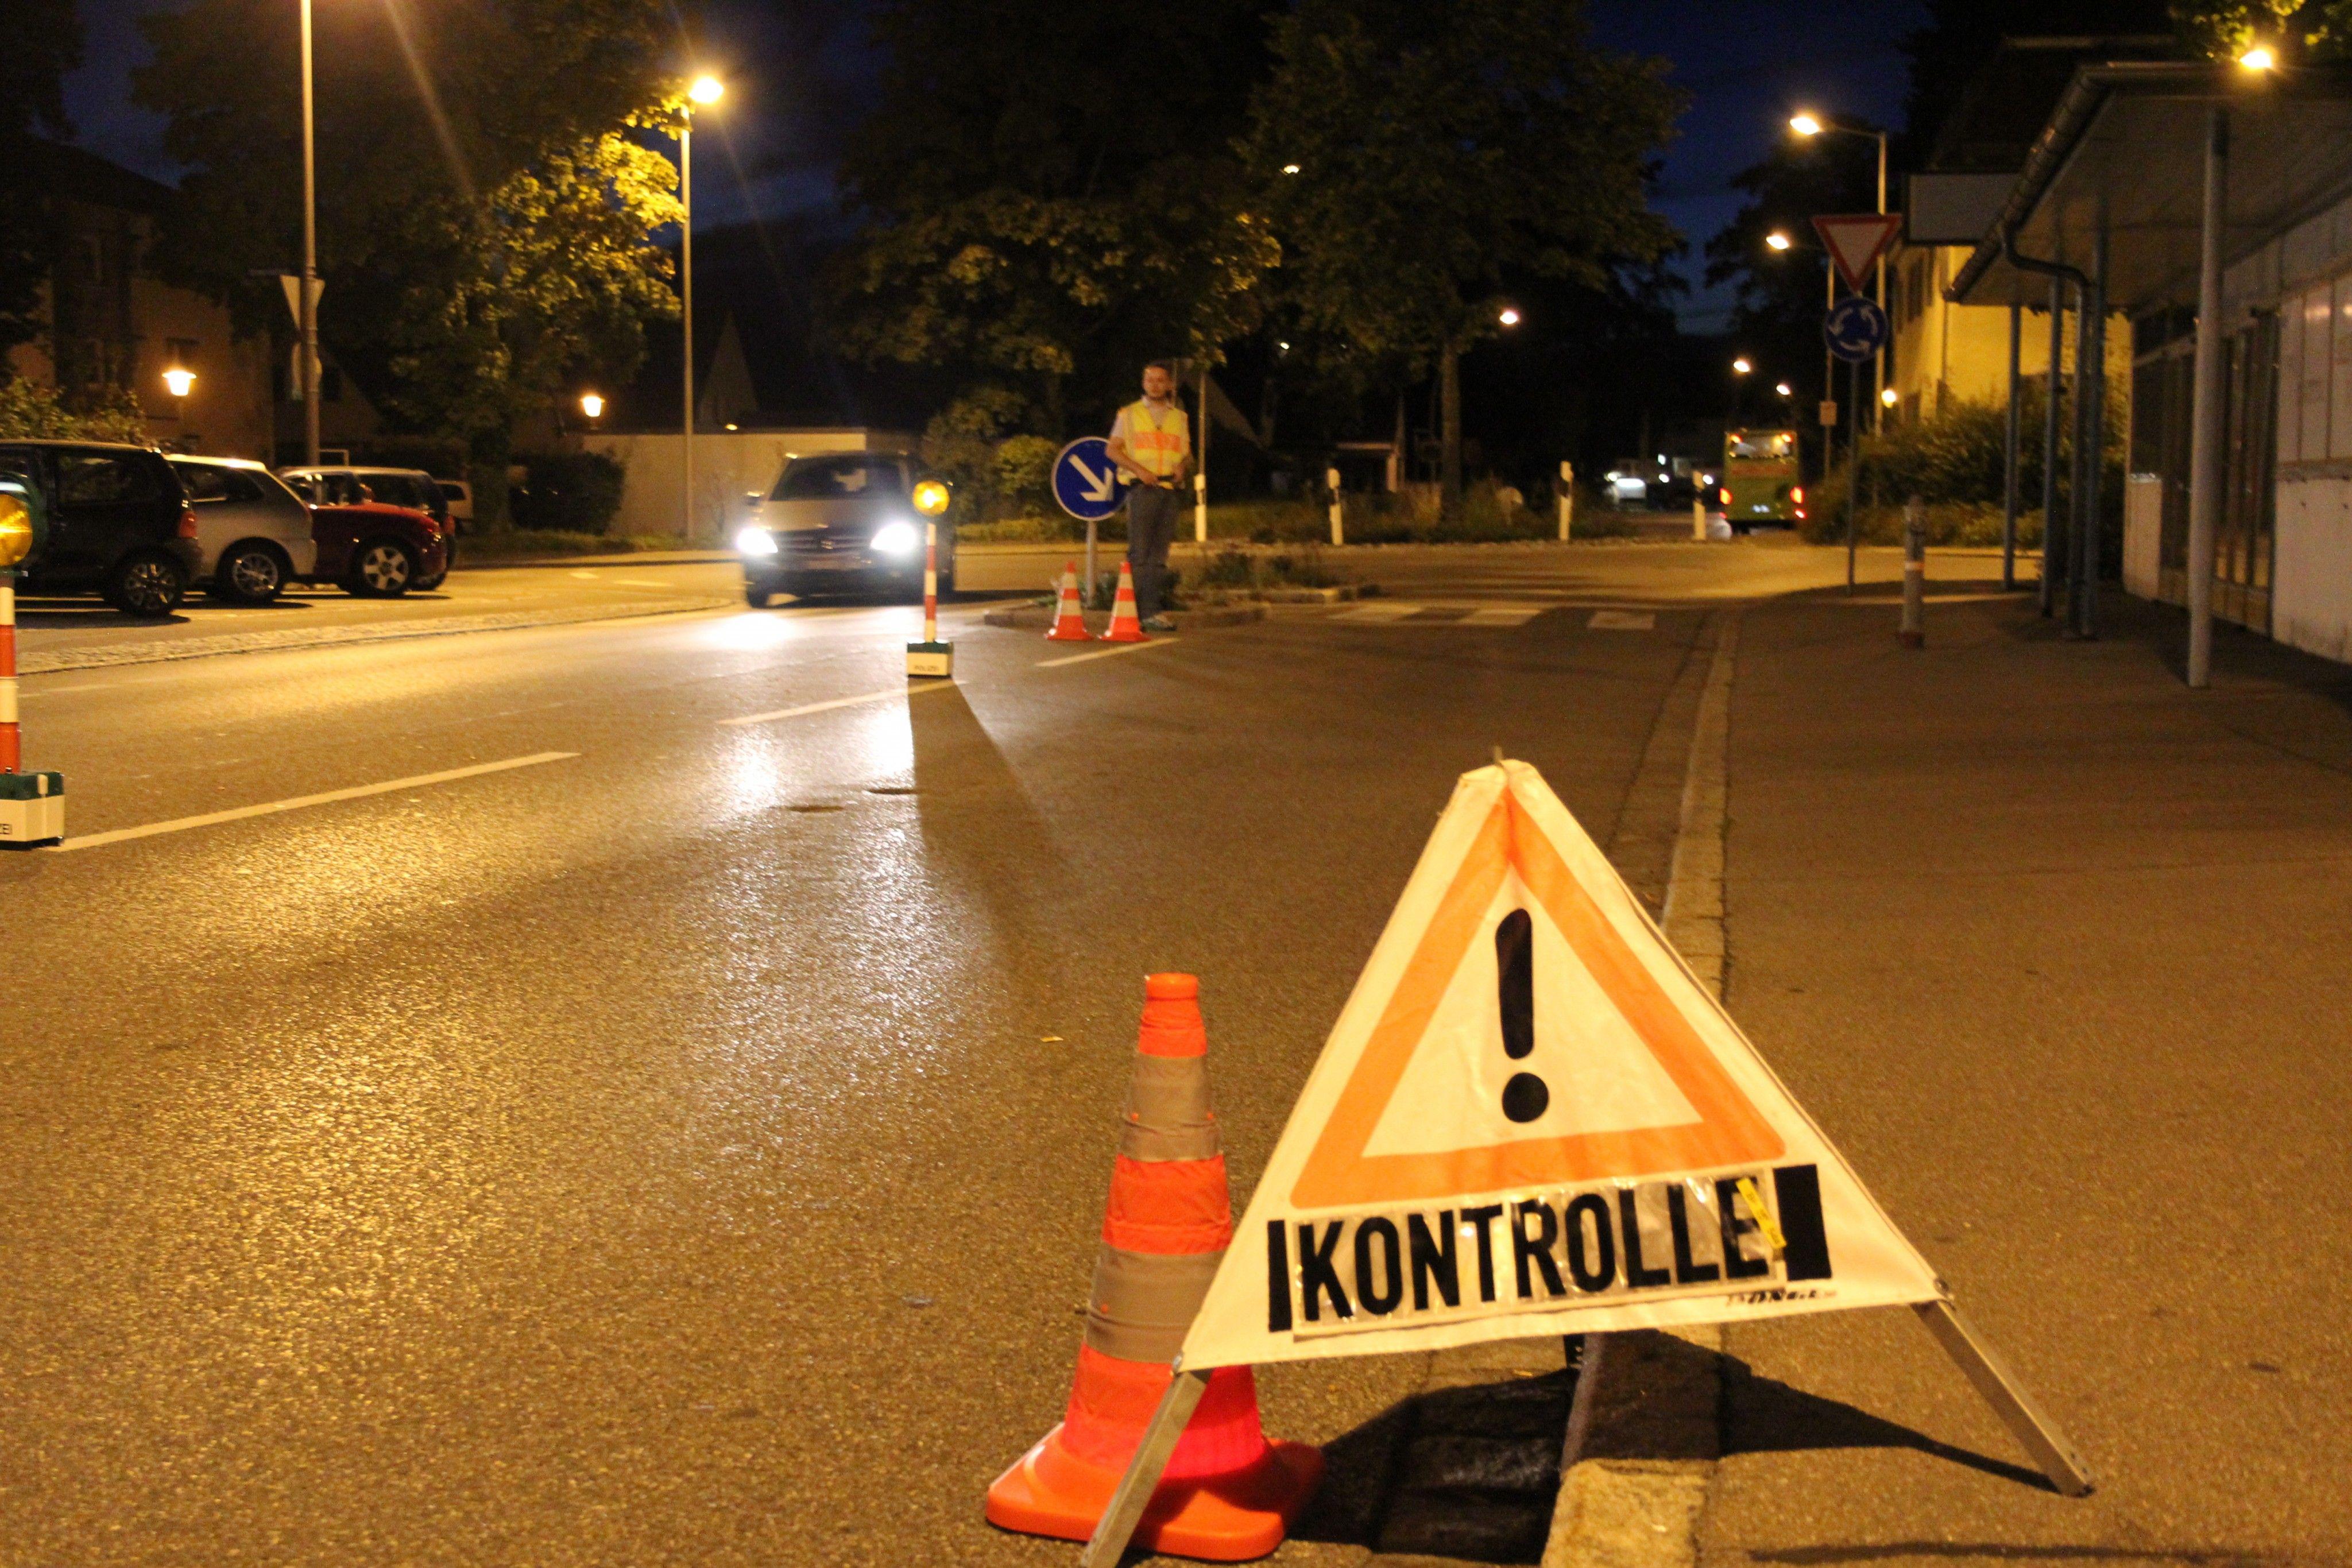 Vorarlberger Polizei schafft neue Grenzpolizei PUMA